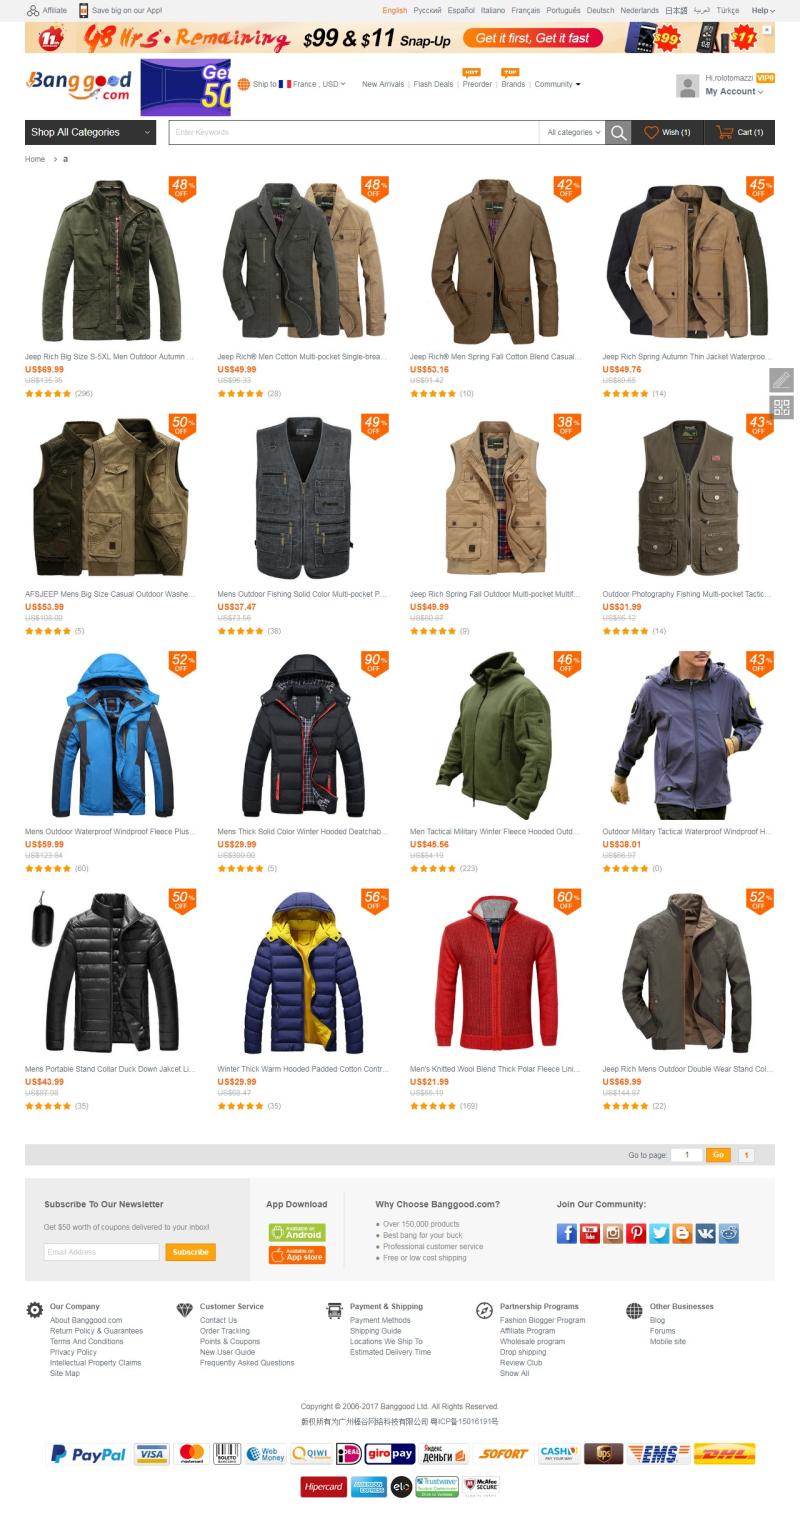 BANGGOODMENFASHIONwww.banggood.com_theme-a-t-636.html_p=IU15111922364201507P